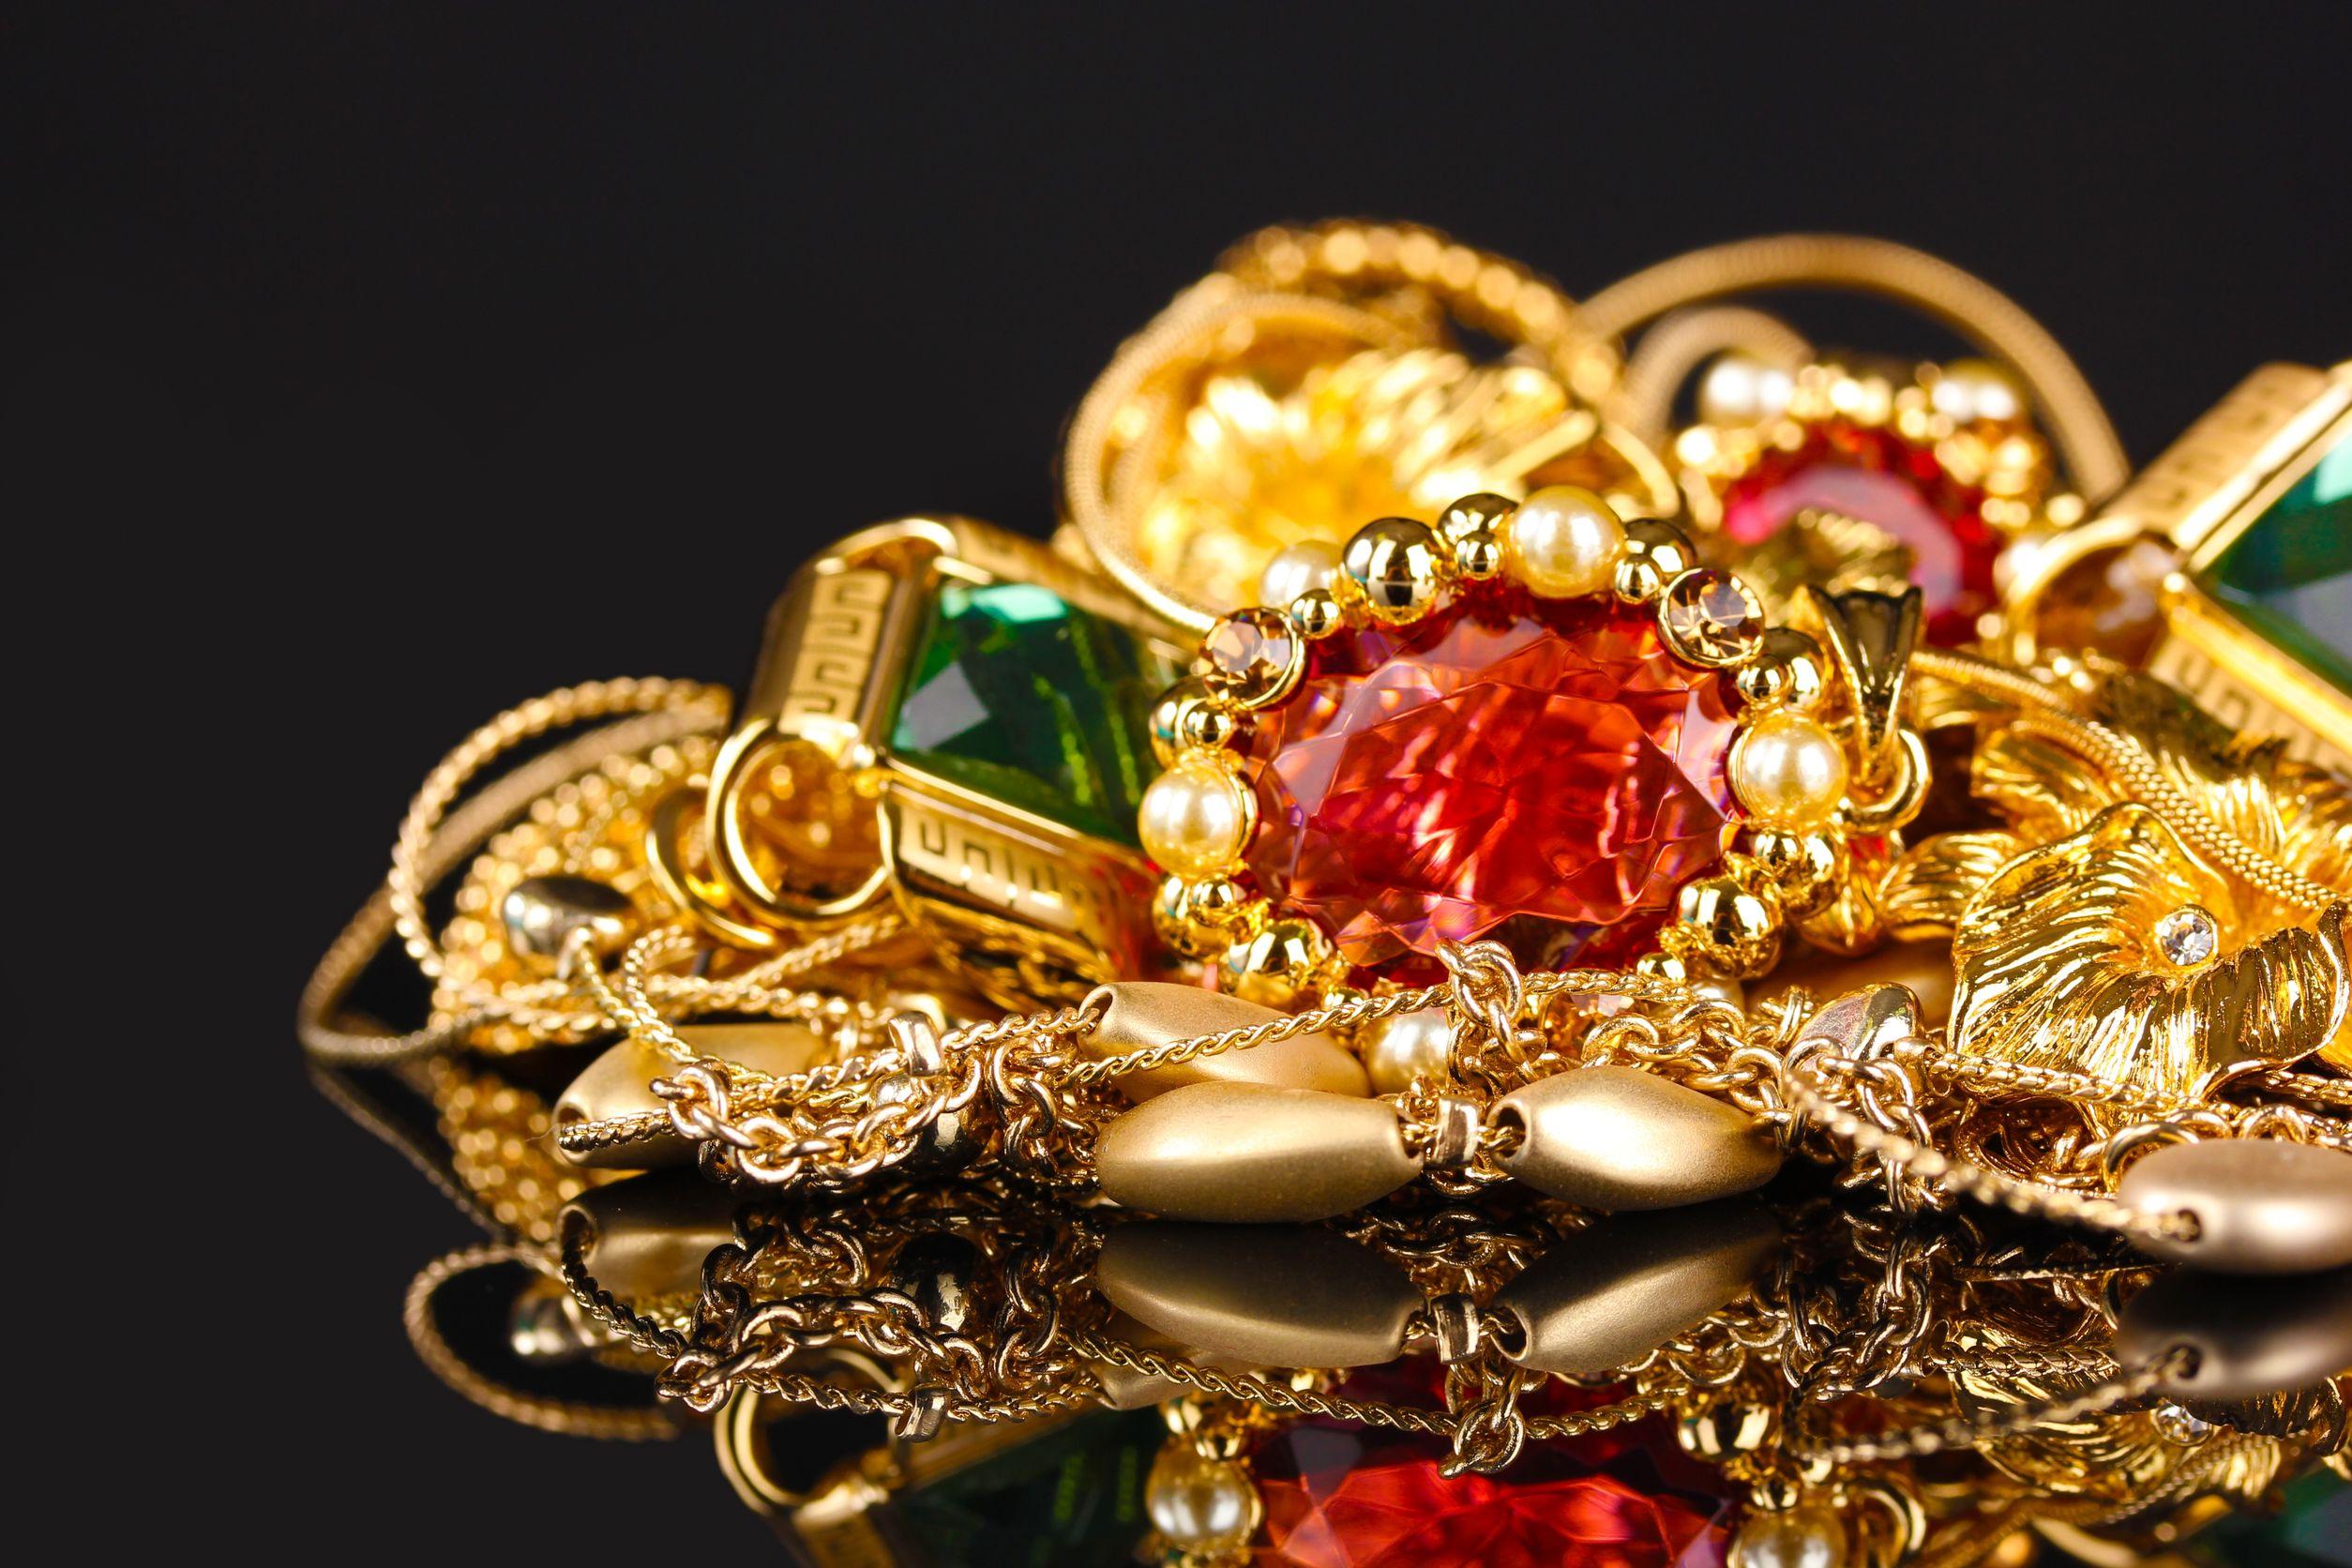 Giá vàng hôm nay ngày 24/2/2016 tại thị trường trong nước không thể bắt kịp đà tăng của giá vàng thế giới